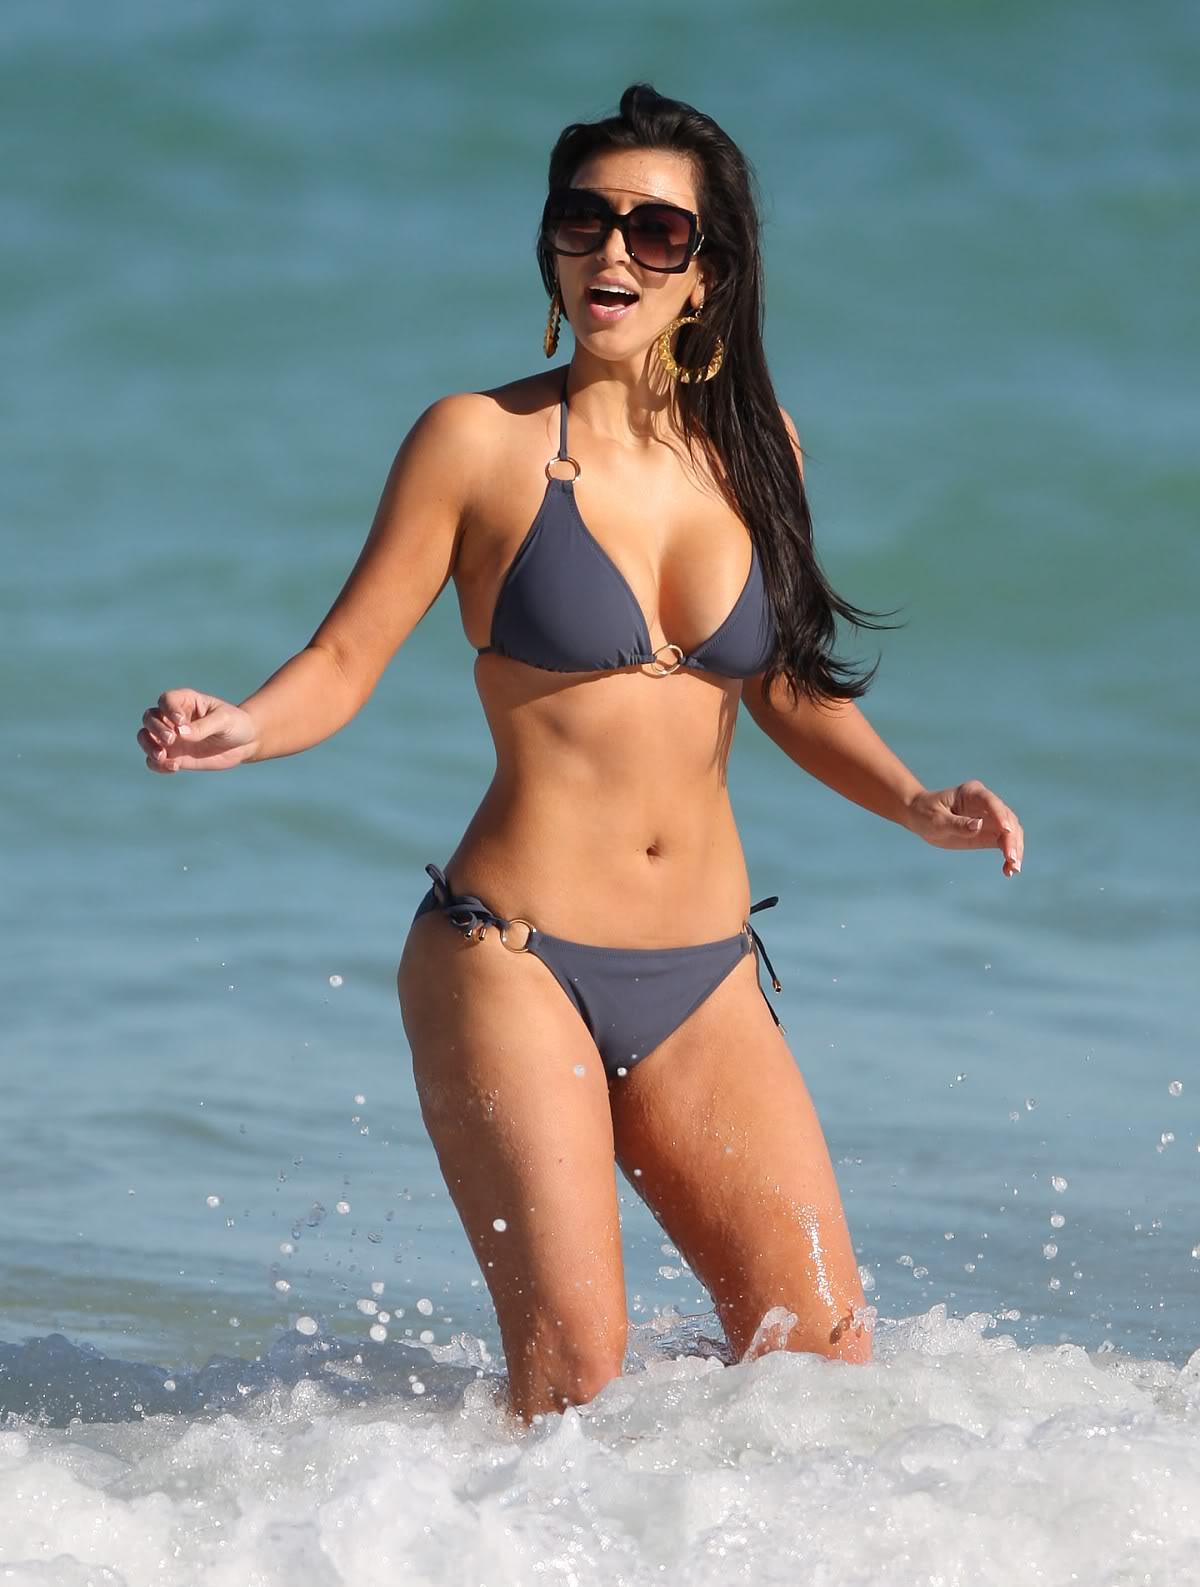 http://4.bp.blogspot.com/-hLW1YA706Ok/T5r0EK2U1JI/AAAAAAAADas/6i8s8y0MF34/s1600/kim-kardashian-bikini-1-03.jpg